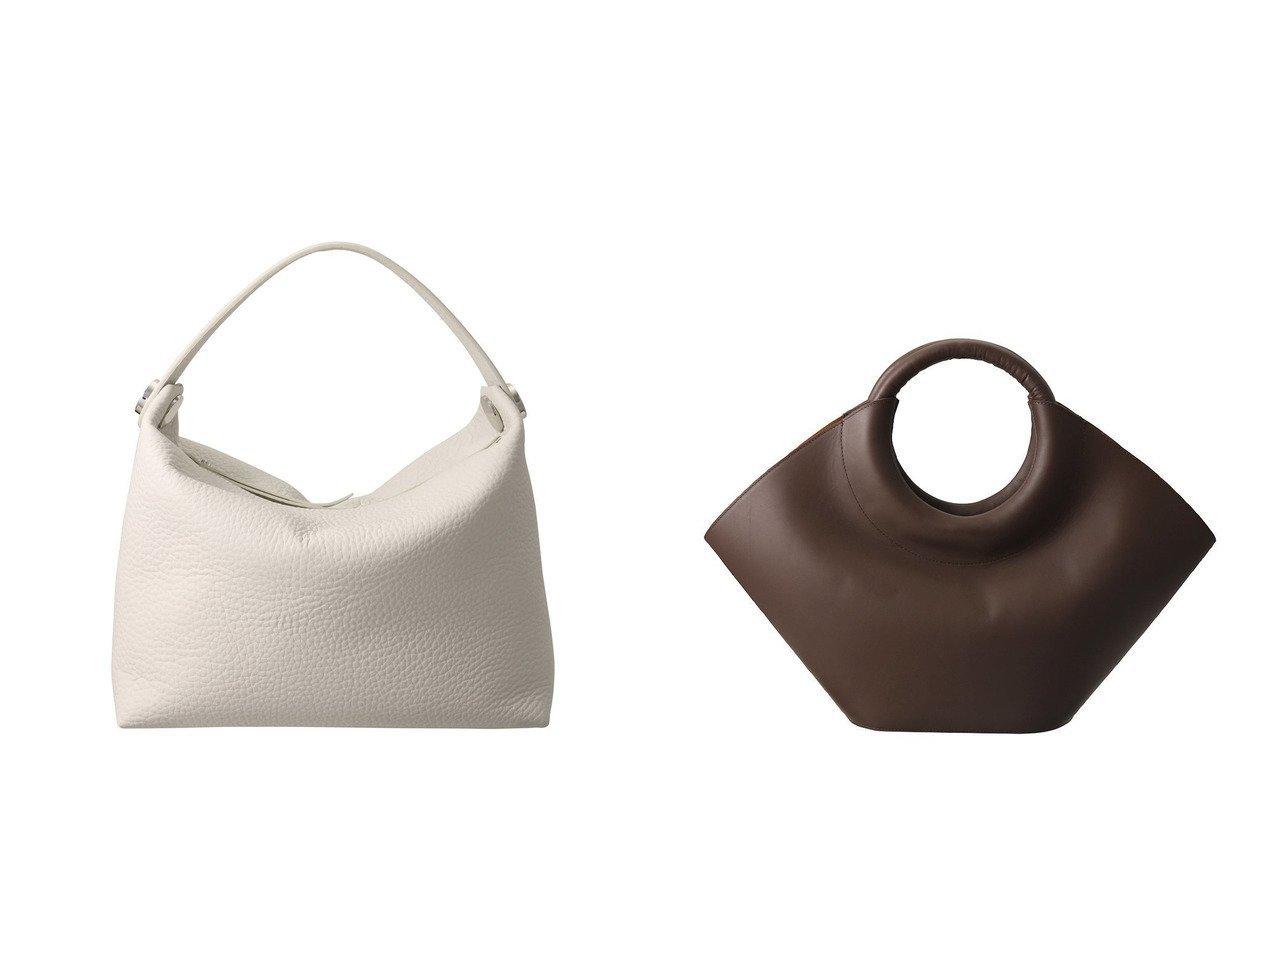 【Whim Gazette/ウィムガゼット】の【IACUCCI】ANCORA-4030 WG&【martinique/マルティニーク】の【HEREU】サークルハンドルバッグ バッグ・鞄のおすすめ!人気、トレンド・レディースファッションの通販 おすすめで人気の流行・トレンド、ファッションの通販商品 メンズファッション・キッズファッション・インテリア・家具・レディースファッション・服の通販 founy(ファニー) https://founy.com/ ファッション Fashion レディースファッション WOMEN バッグ Bag 2021年 2021 2021 春夏 S/S SS Spring/Summer 2021 S/S 春夏 SS Spring/Summer シンプル ハンドバッグ 春 Spring |ID:crp329100000015338